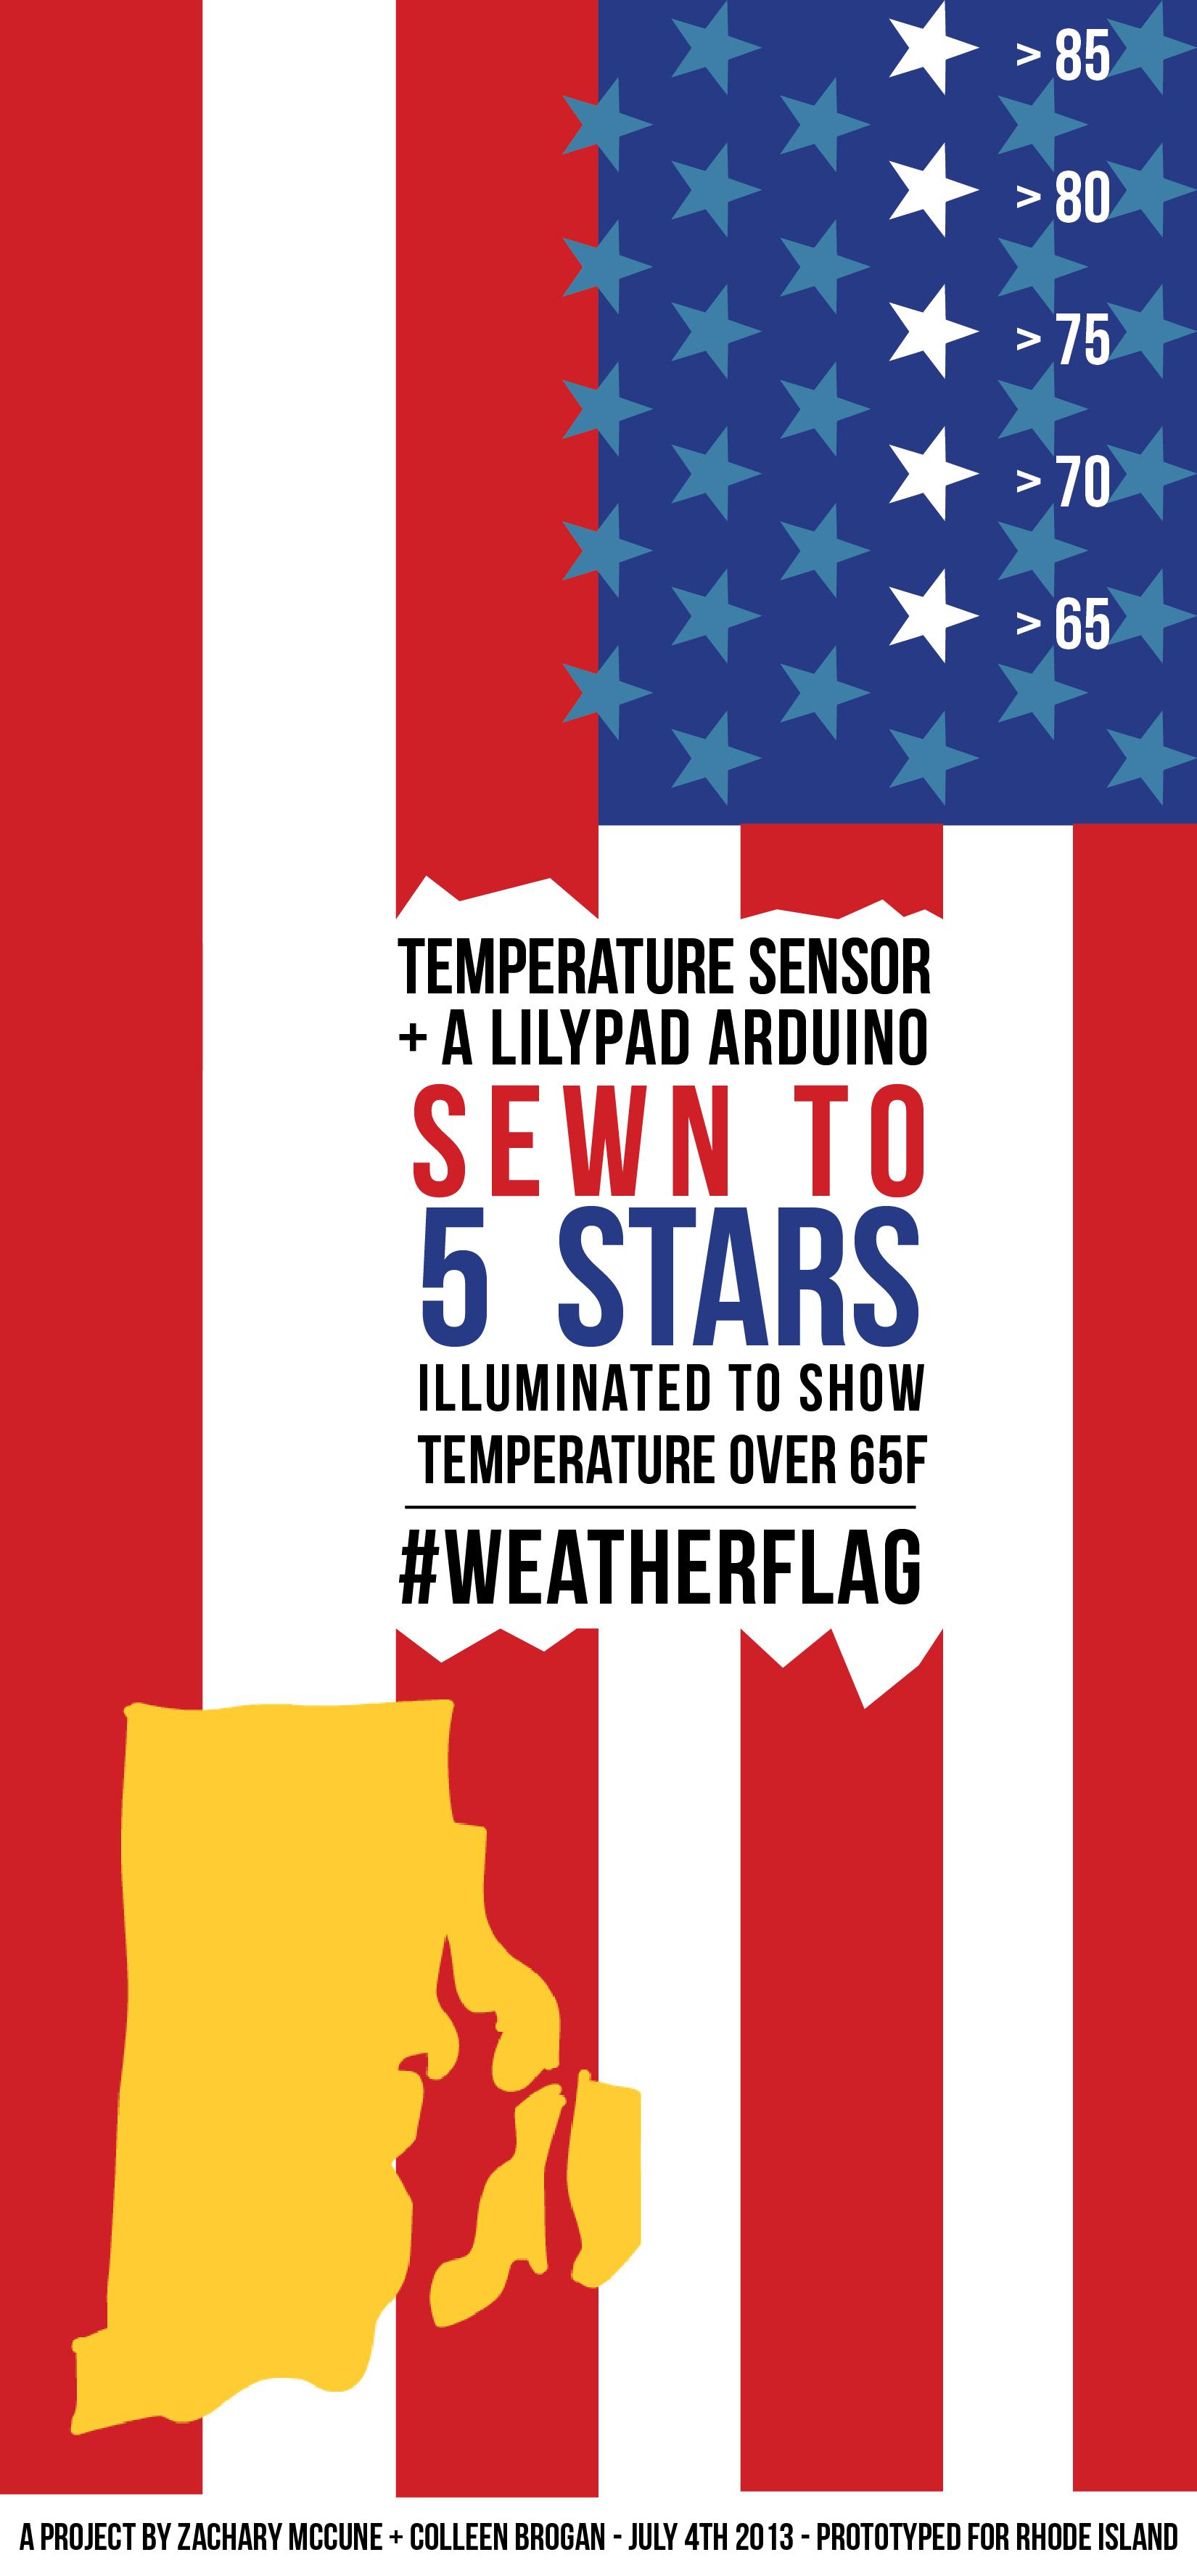 WeatherFlag